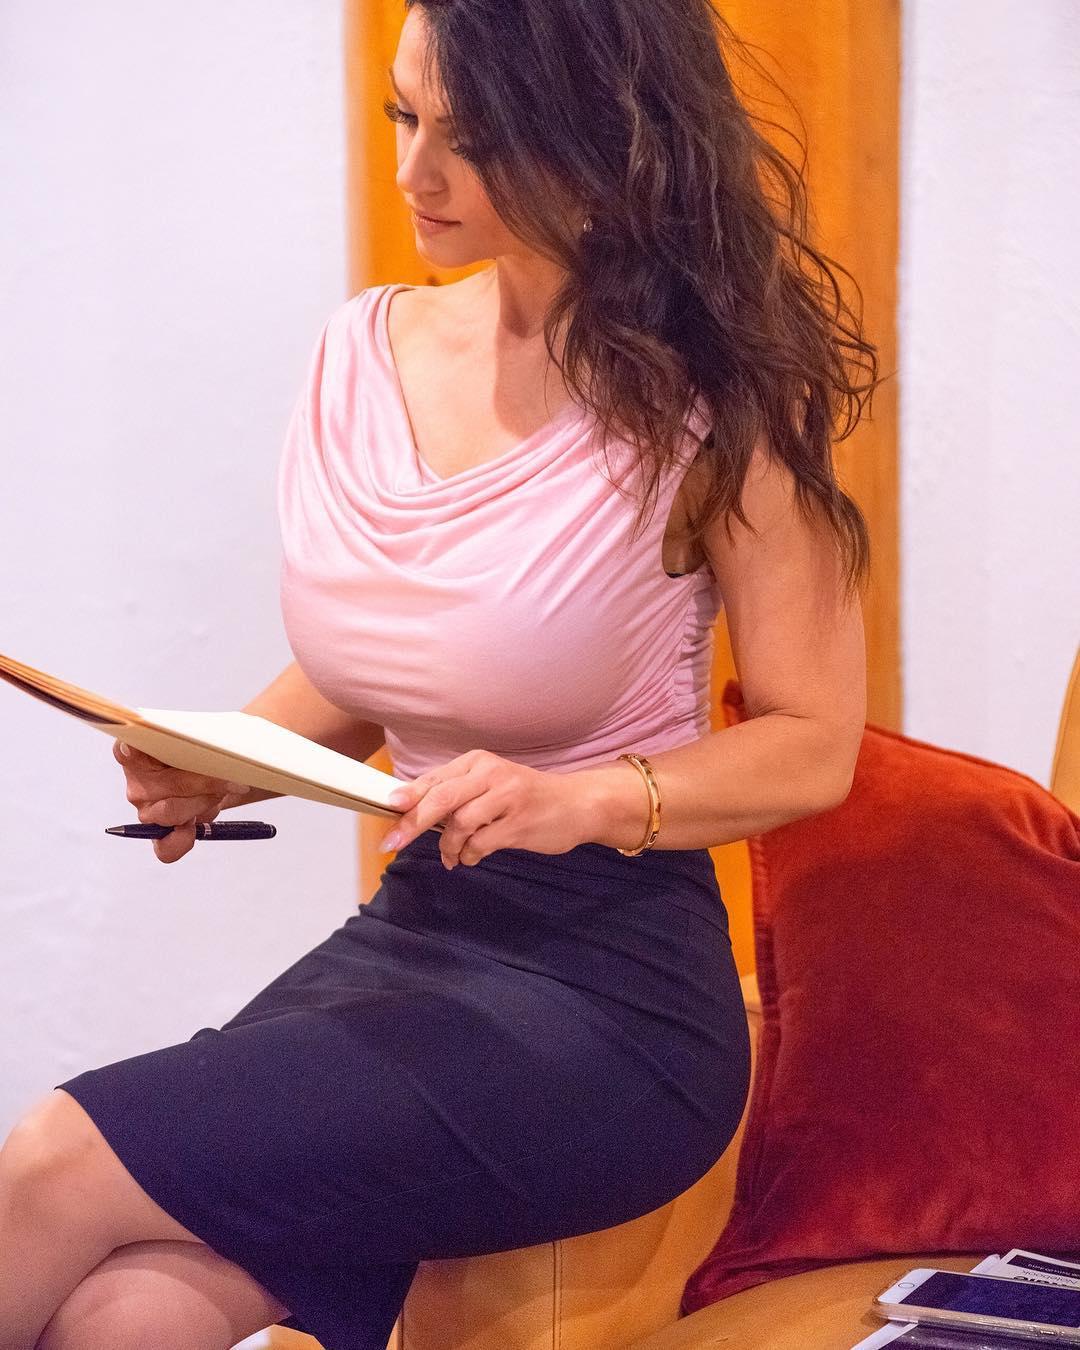 Denise Milani Blouse Pic